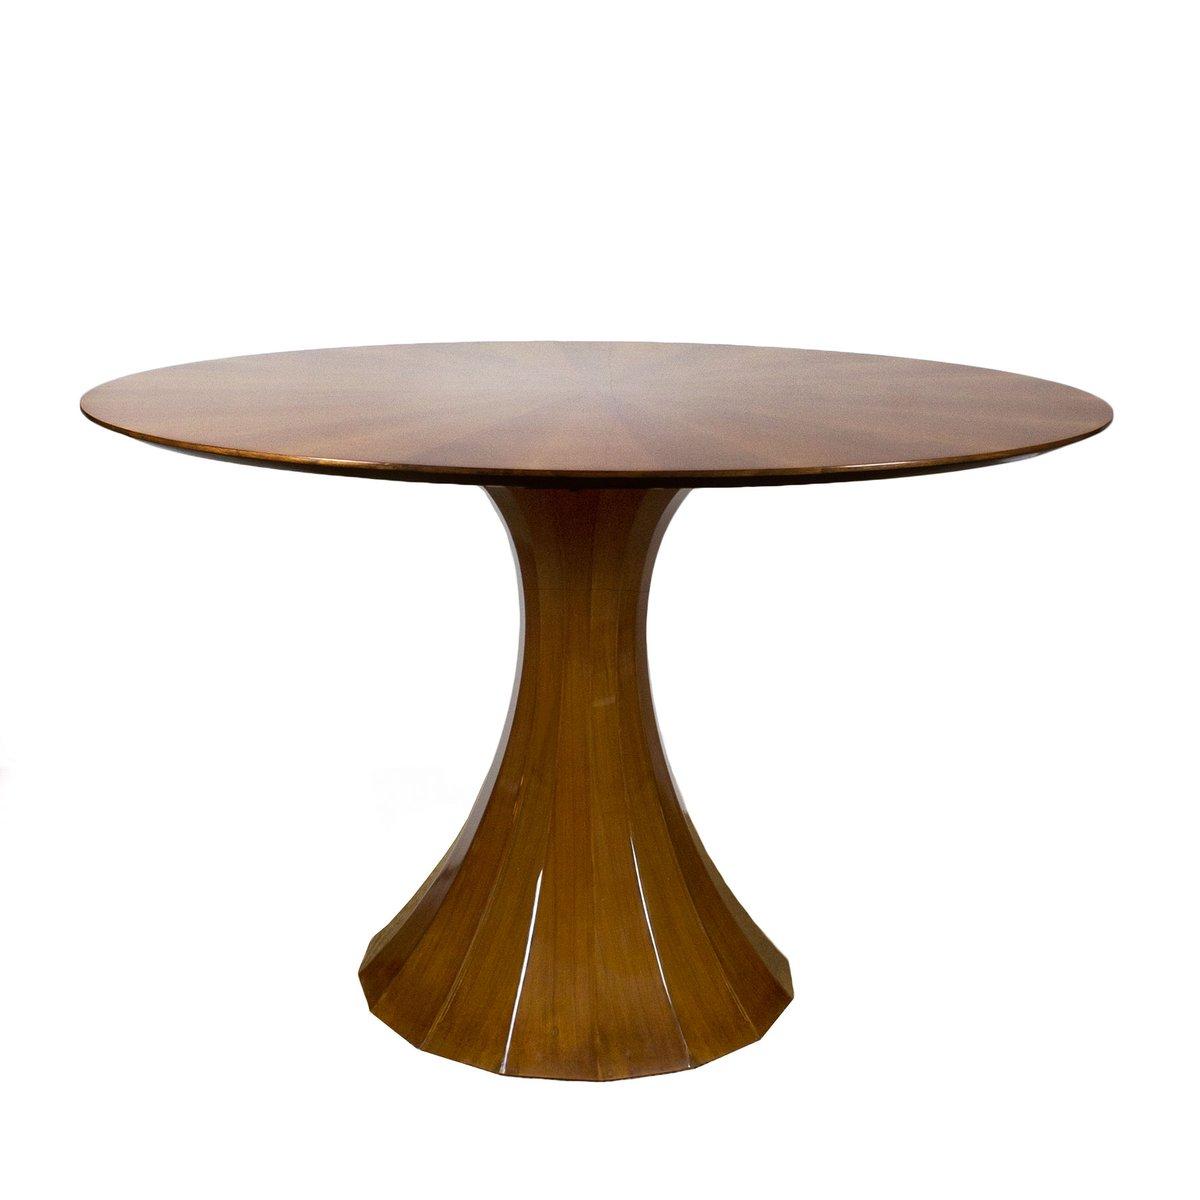 Tavolo da pranzo rotondo vintage impiallacciato in legno di noce italia anni 39 60 in vendita su - Tavolo rotondo vintage ...